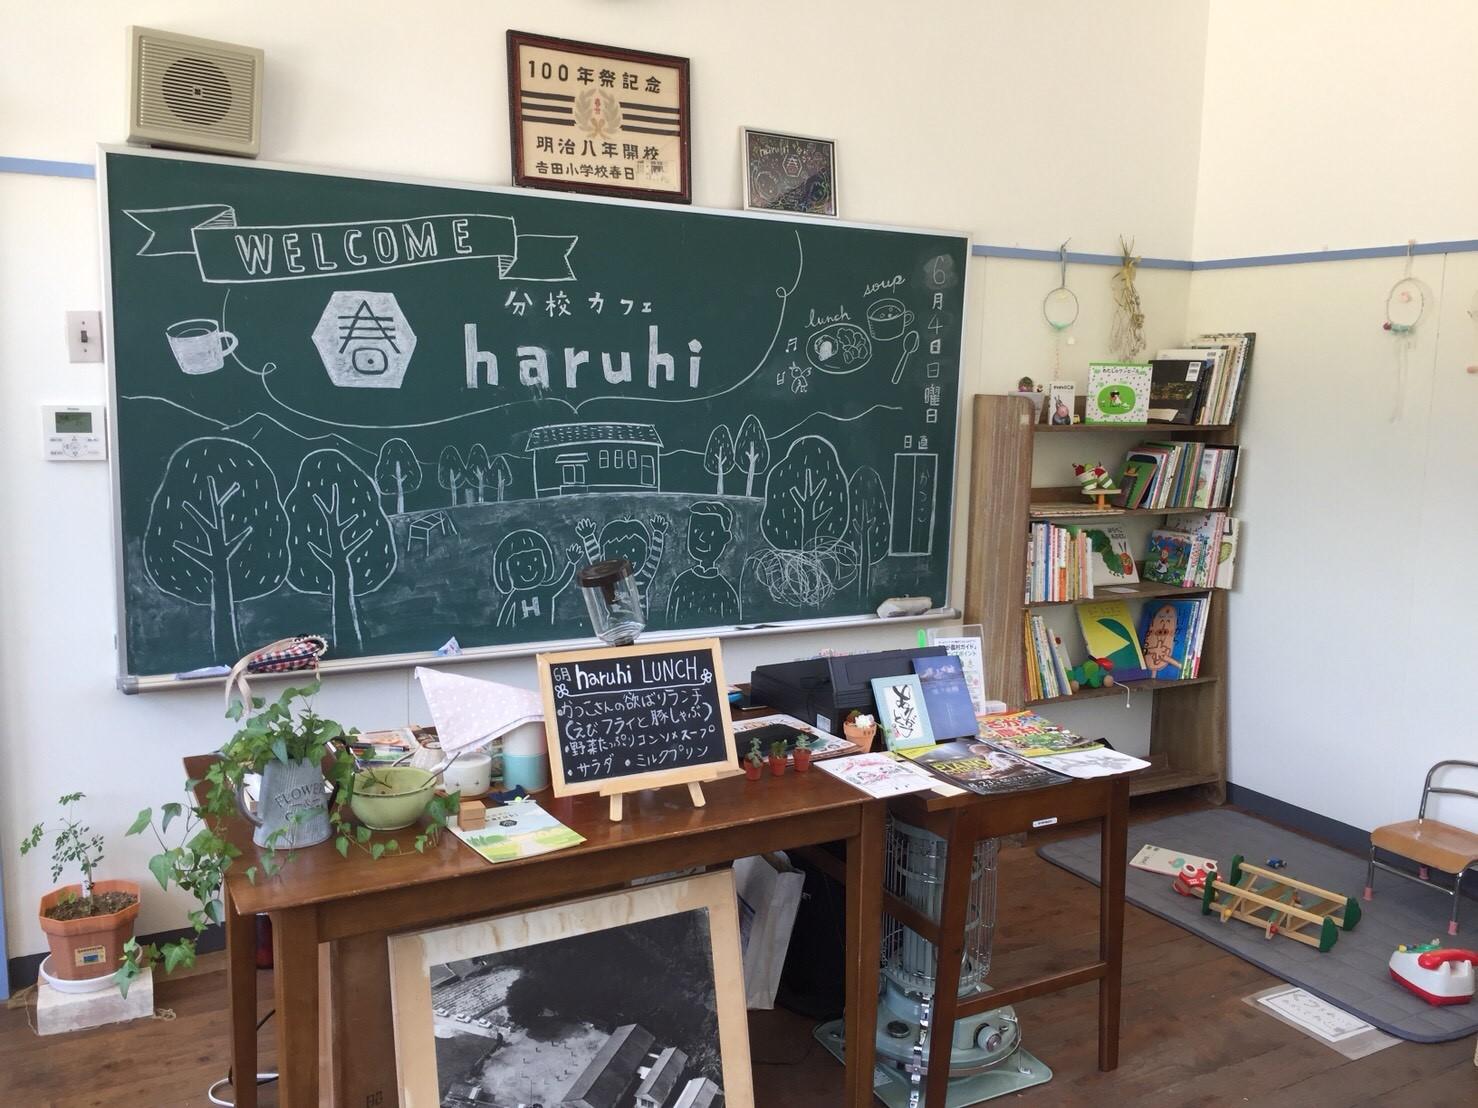 カフェharuki分校内装の画像